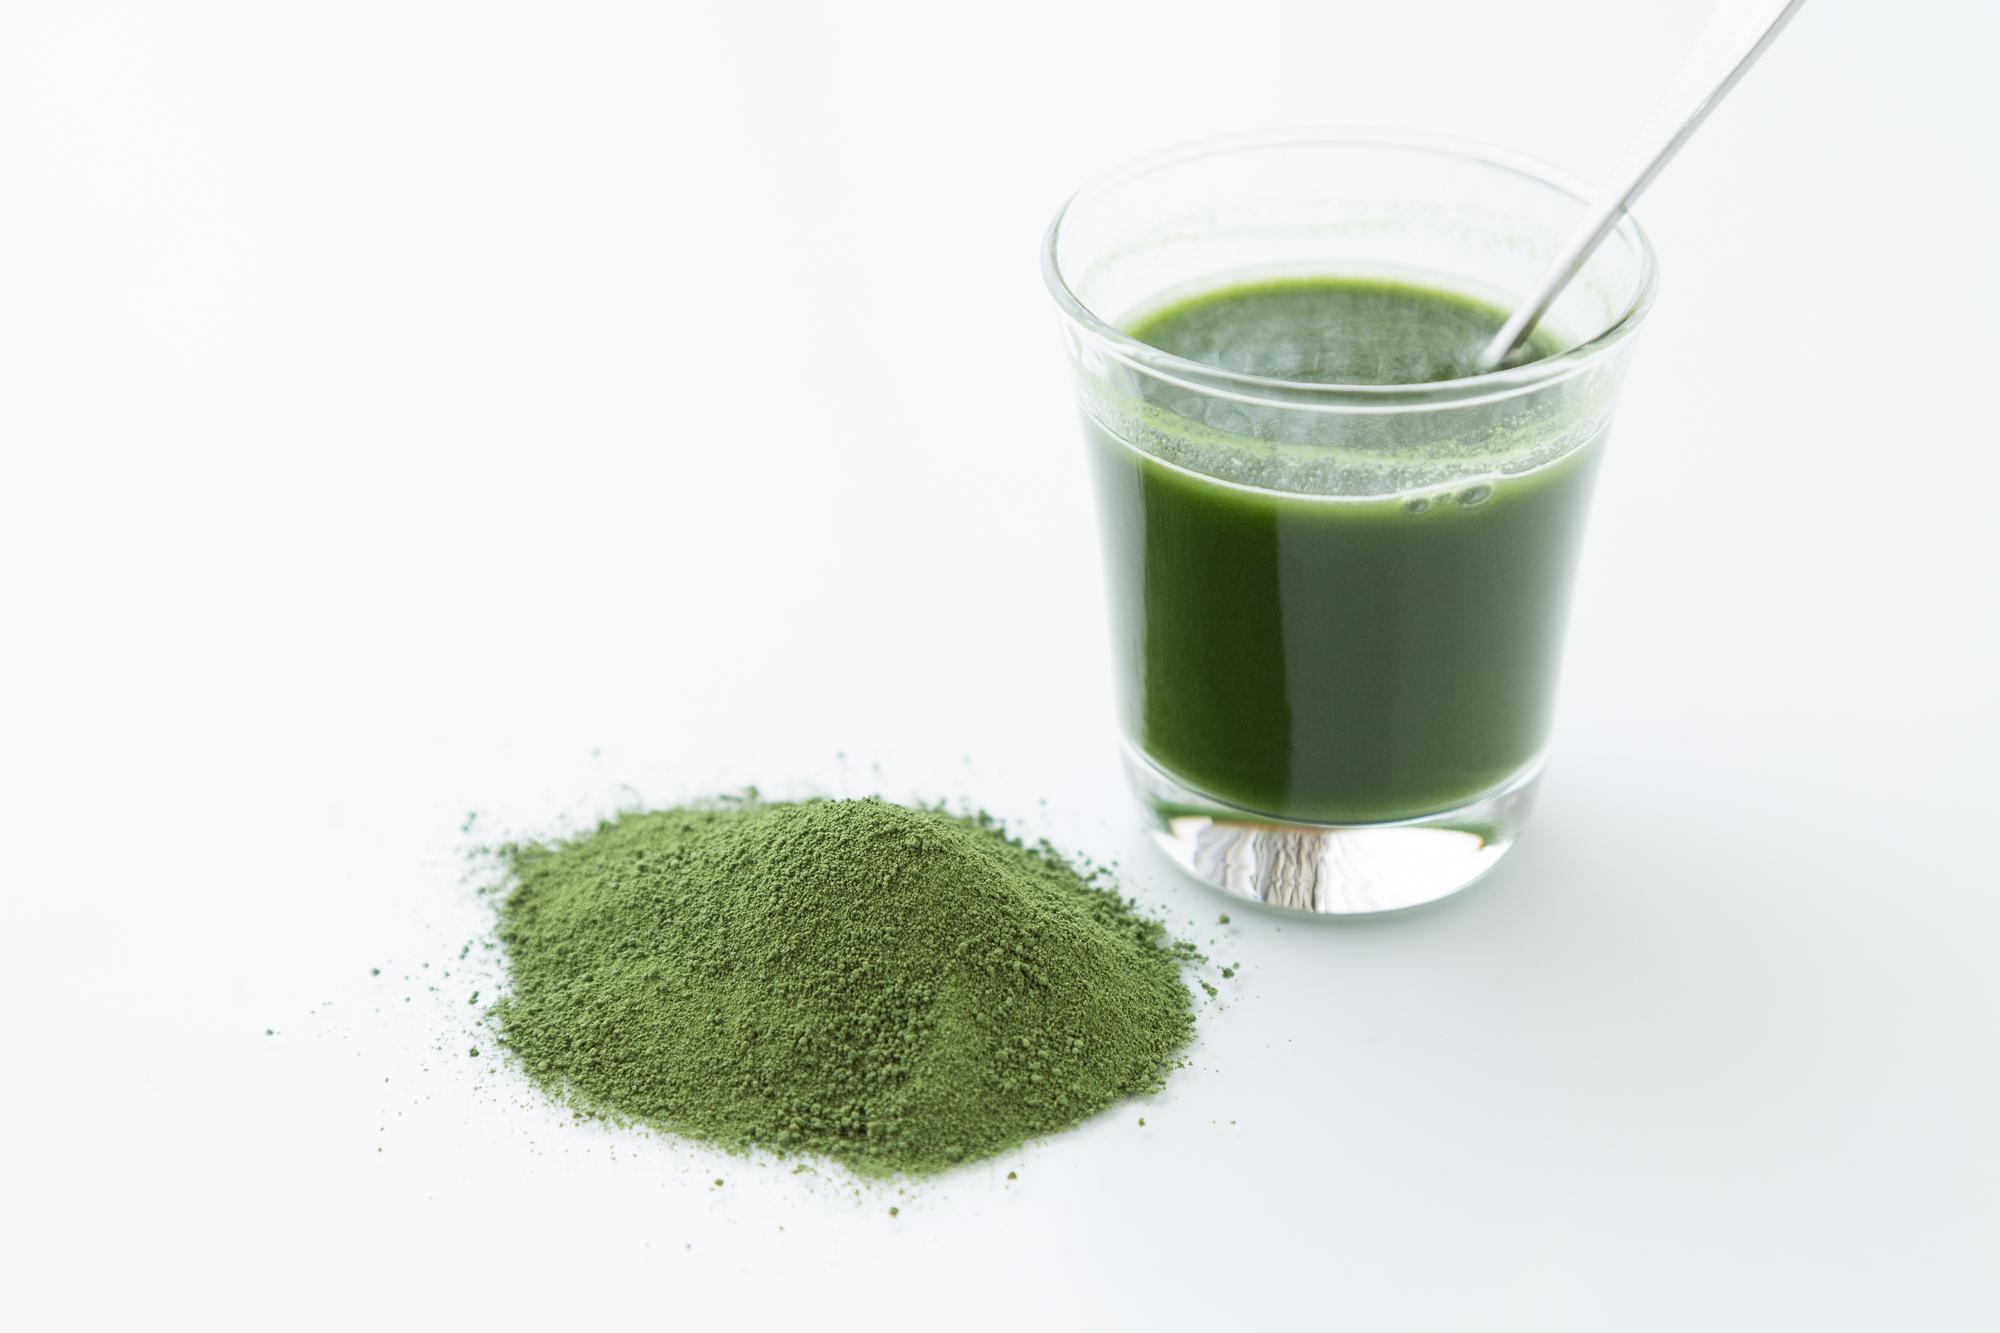 食後の血糖値が気になるあなたに!ベストタイミングで青汁を飲んでより健康に